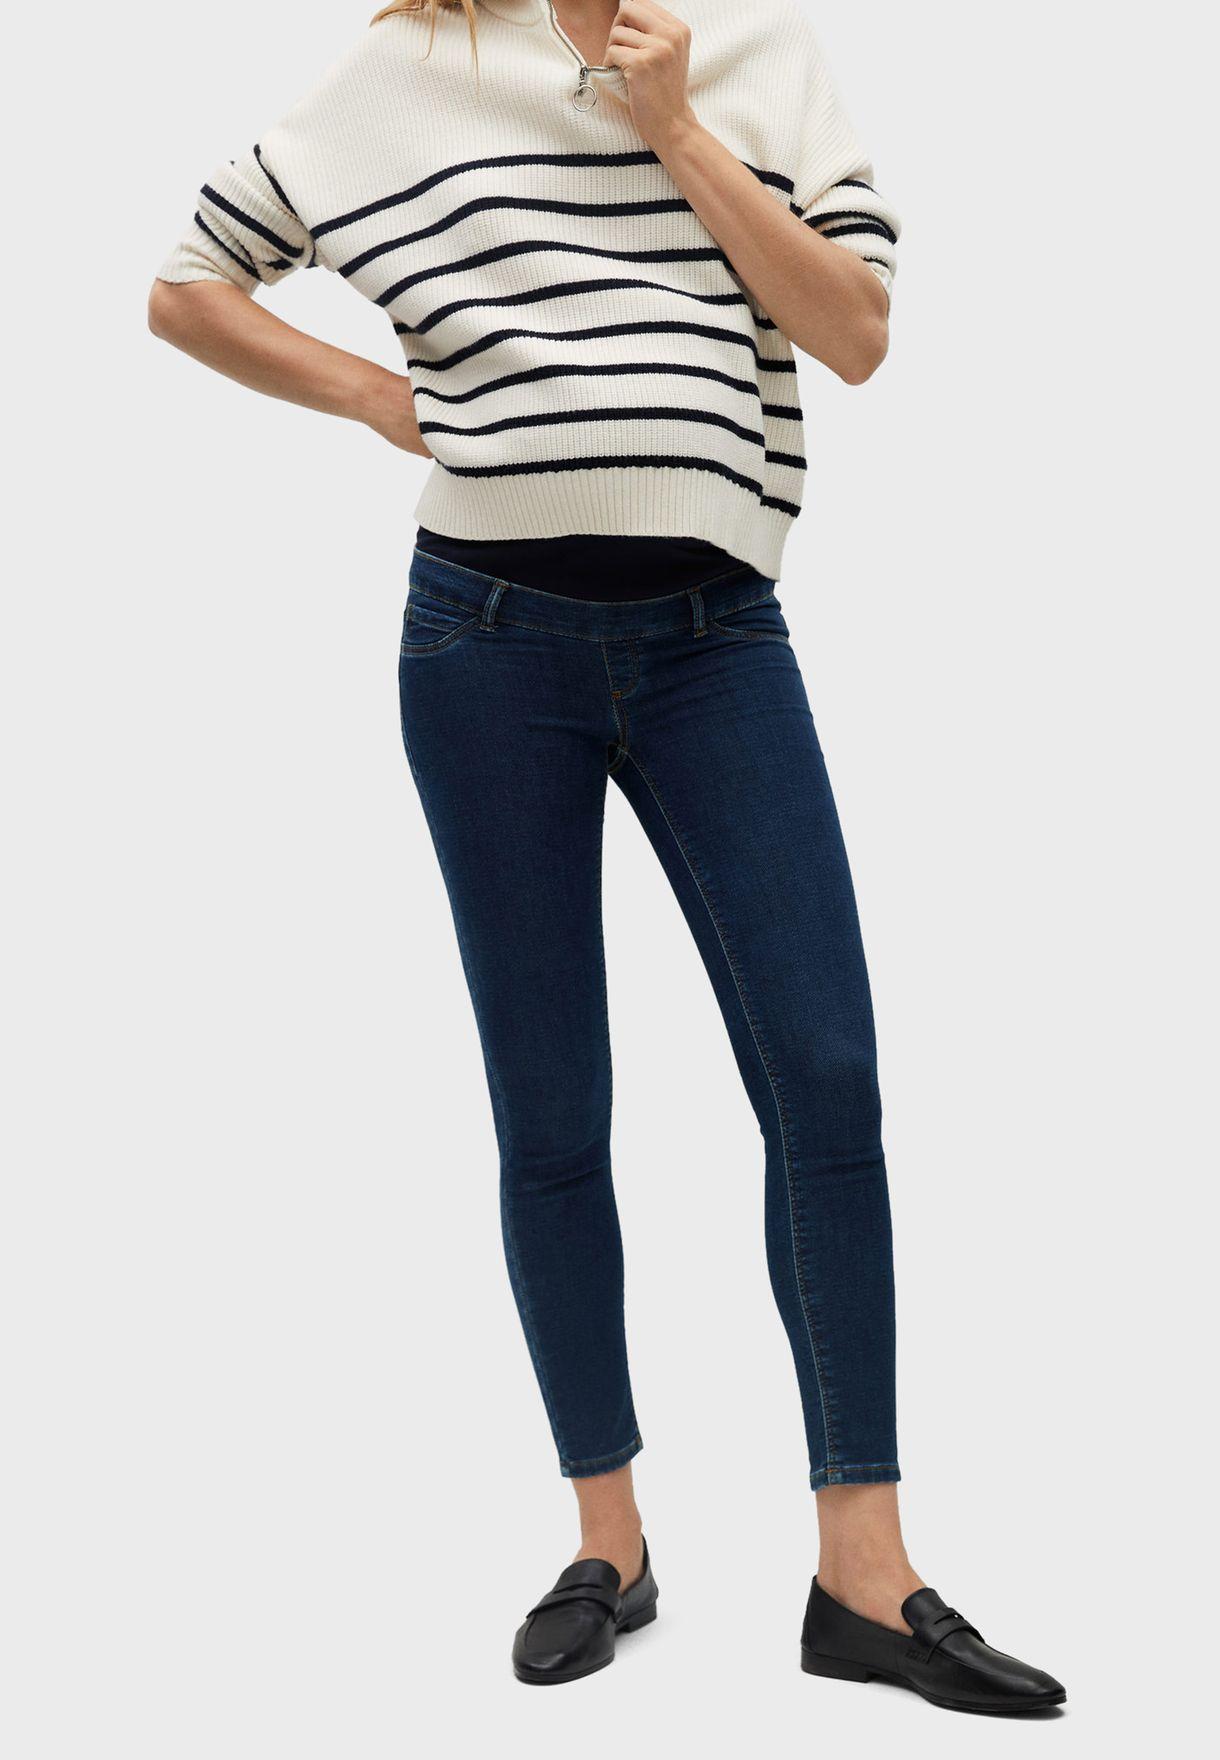 جينز بخصر عالي للحوامل